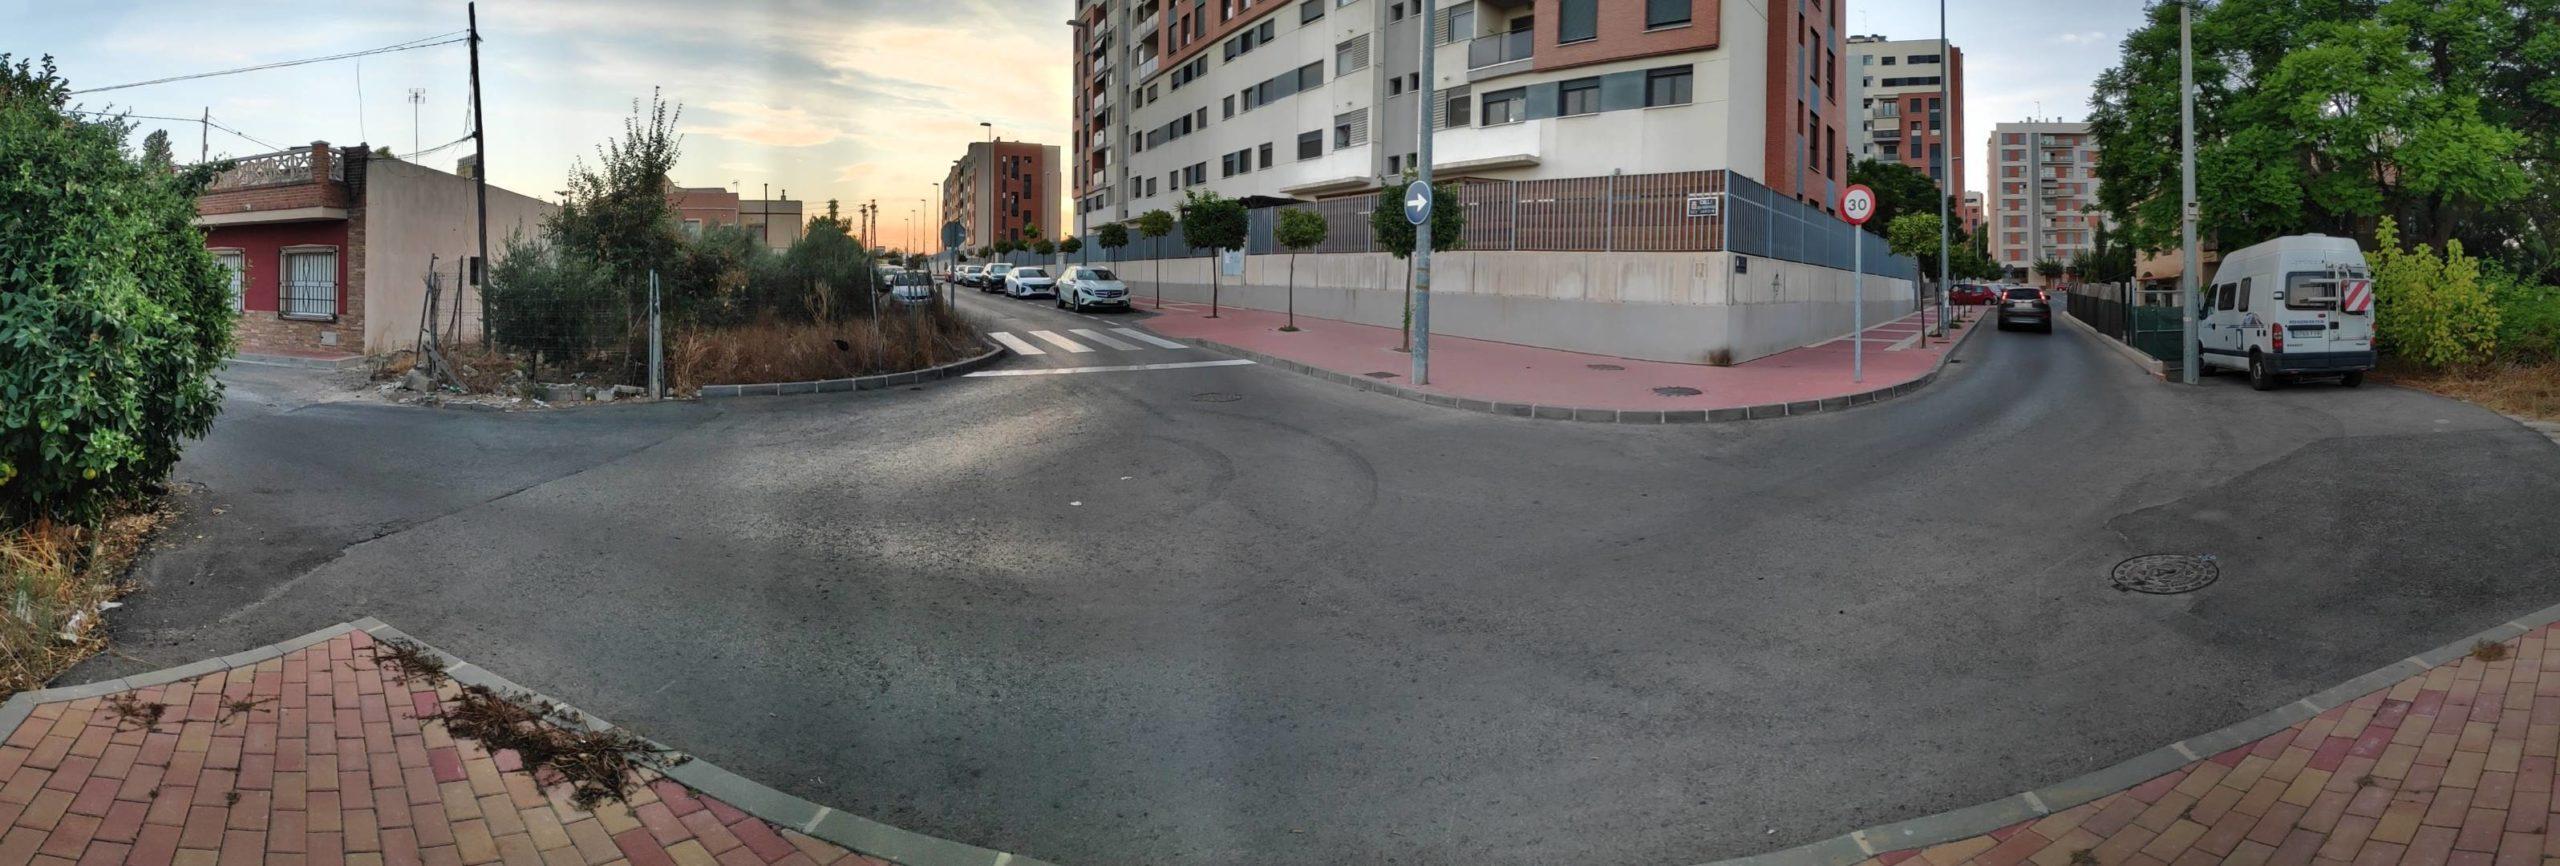 2020-09-12 Panorámica del cruce C/ Académicas del Jardín con Carril del Florero y calle escritor Jerónimo Tristante de Joven Futura.